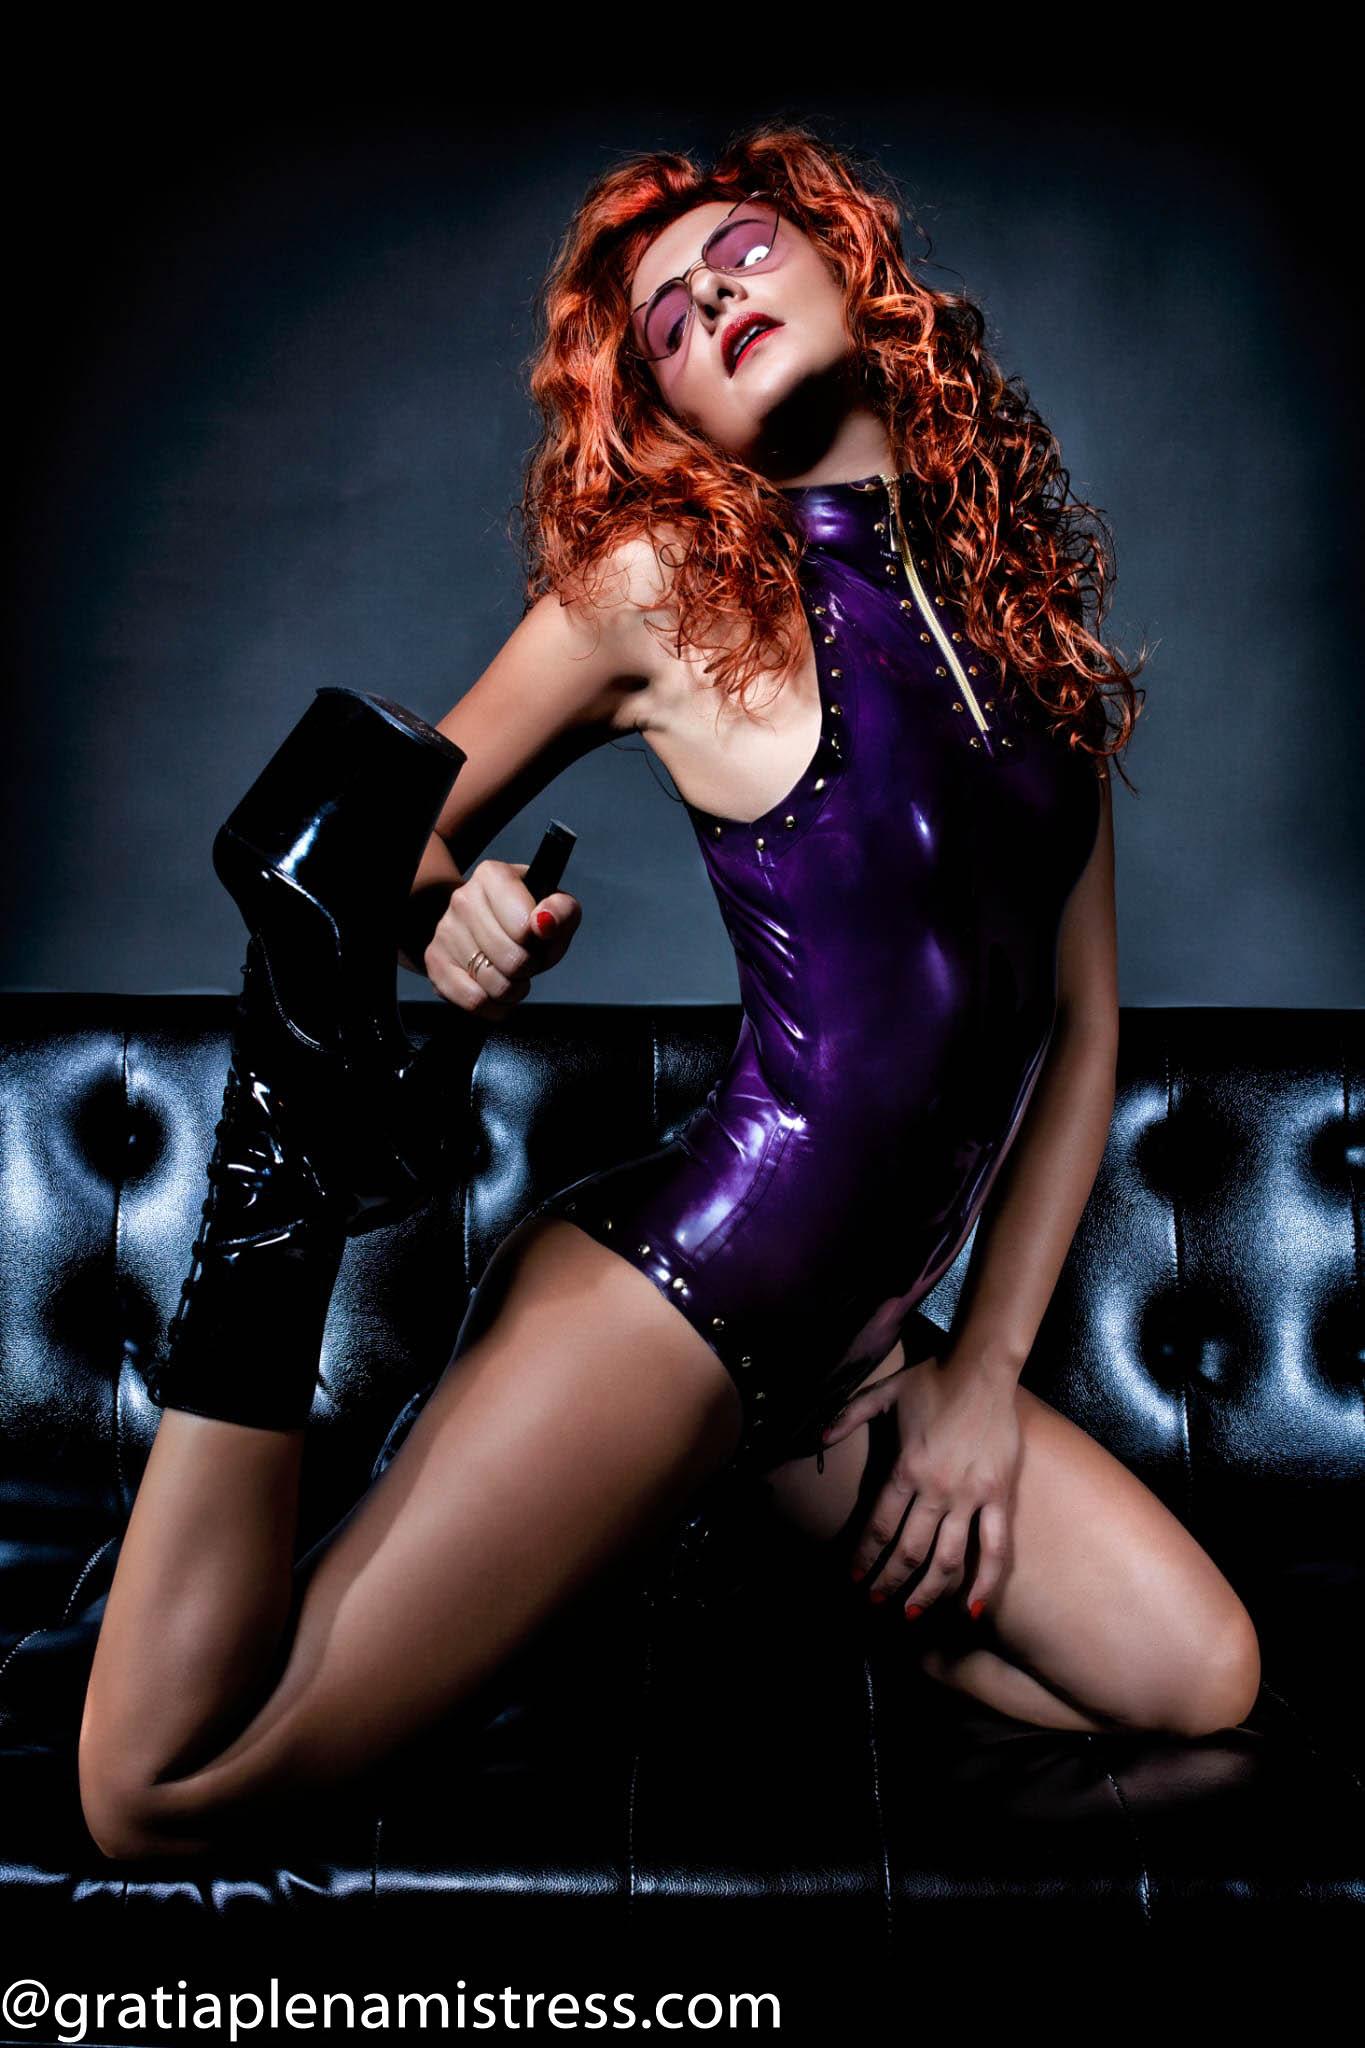 gratia plena mistress dominatrice prodomme dominatrix fetish feticismo piedi venerazione latex bdsm sadomaso padrona milano italia lombardia 4